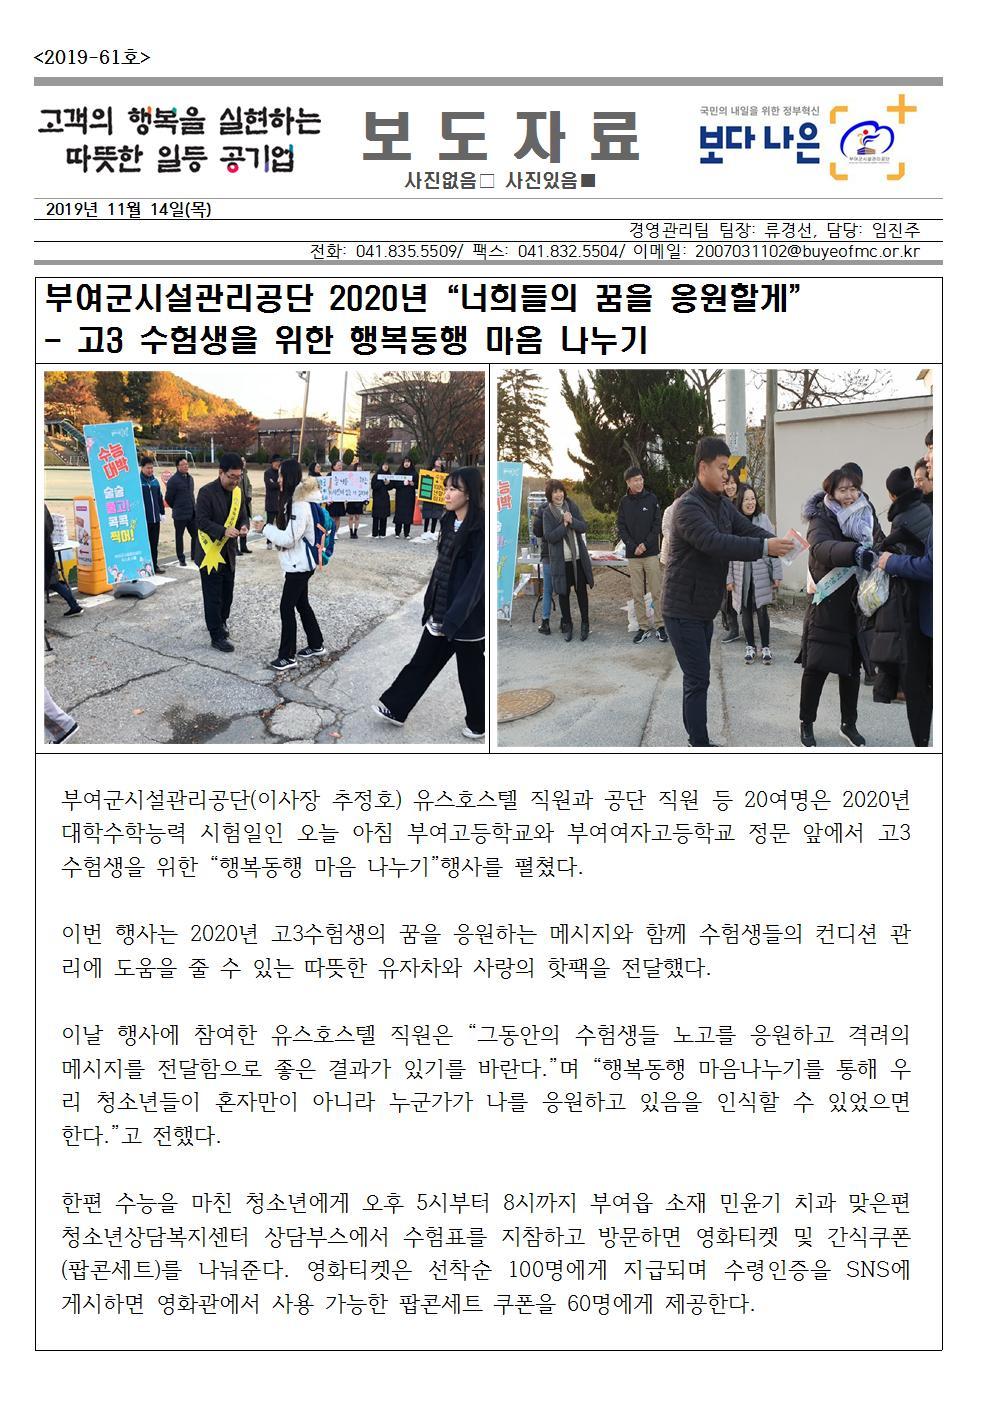 2019-61(경영관리팀)001.jpg